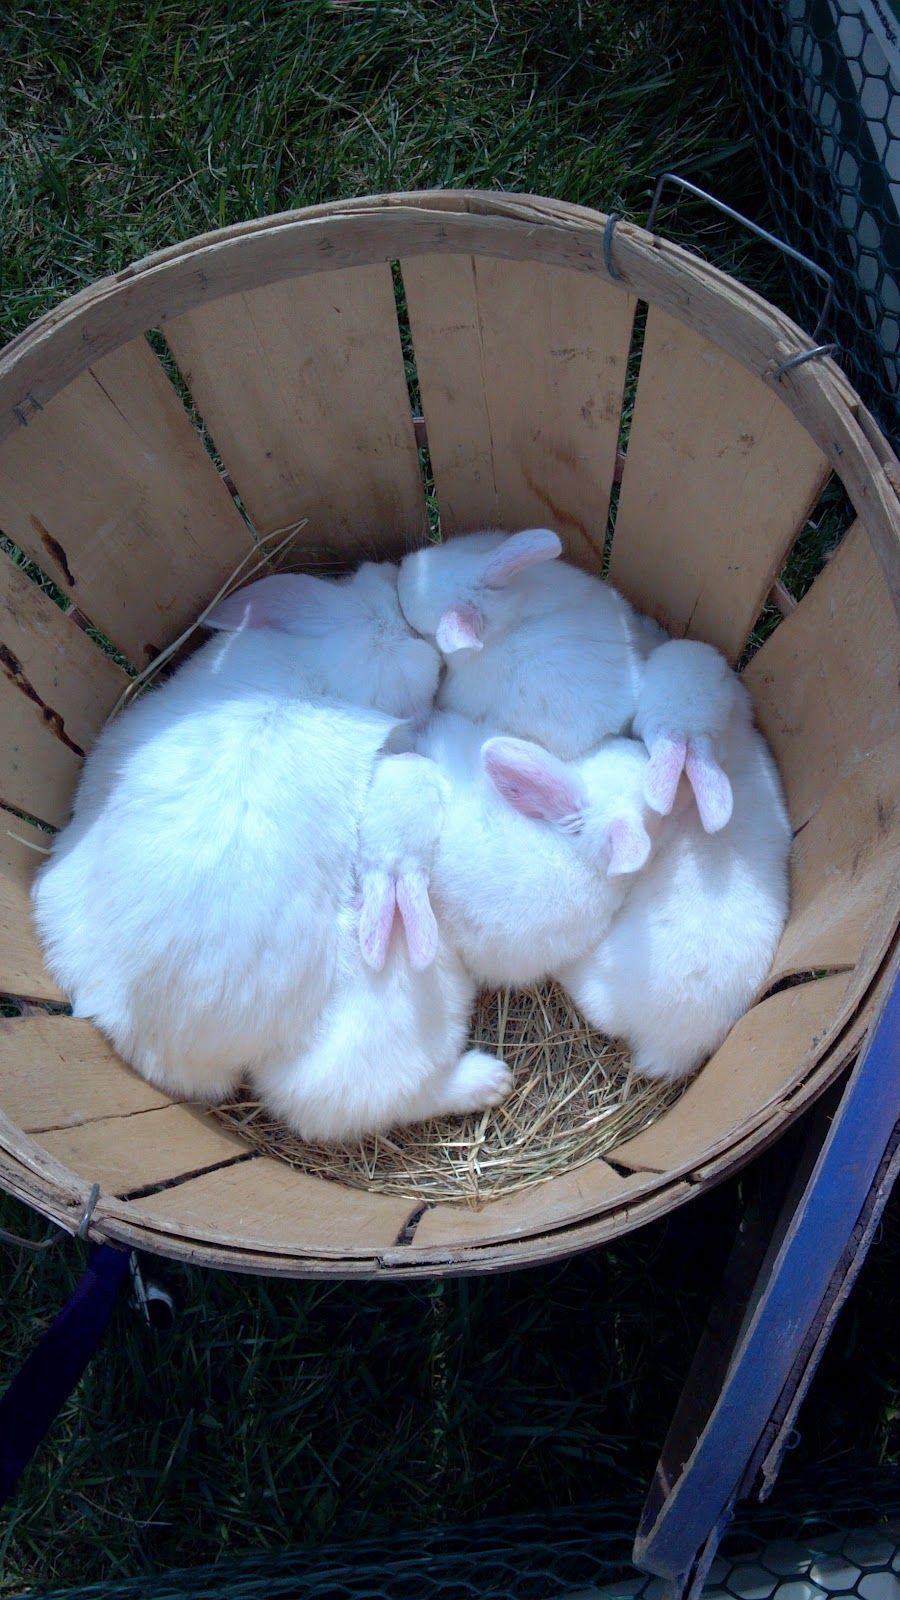 Bucket-o-bunnies